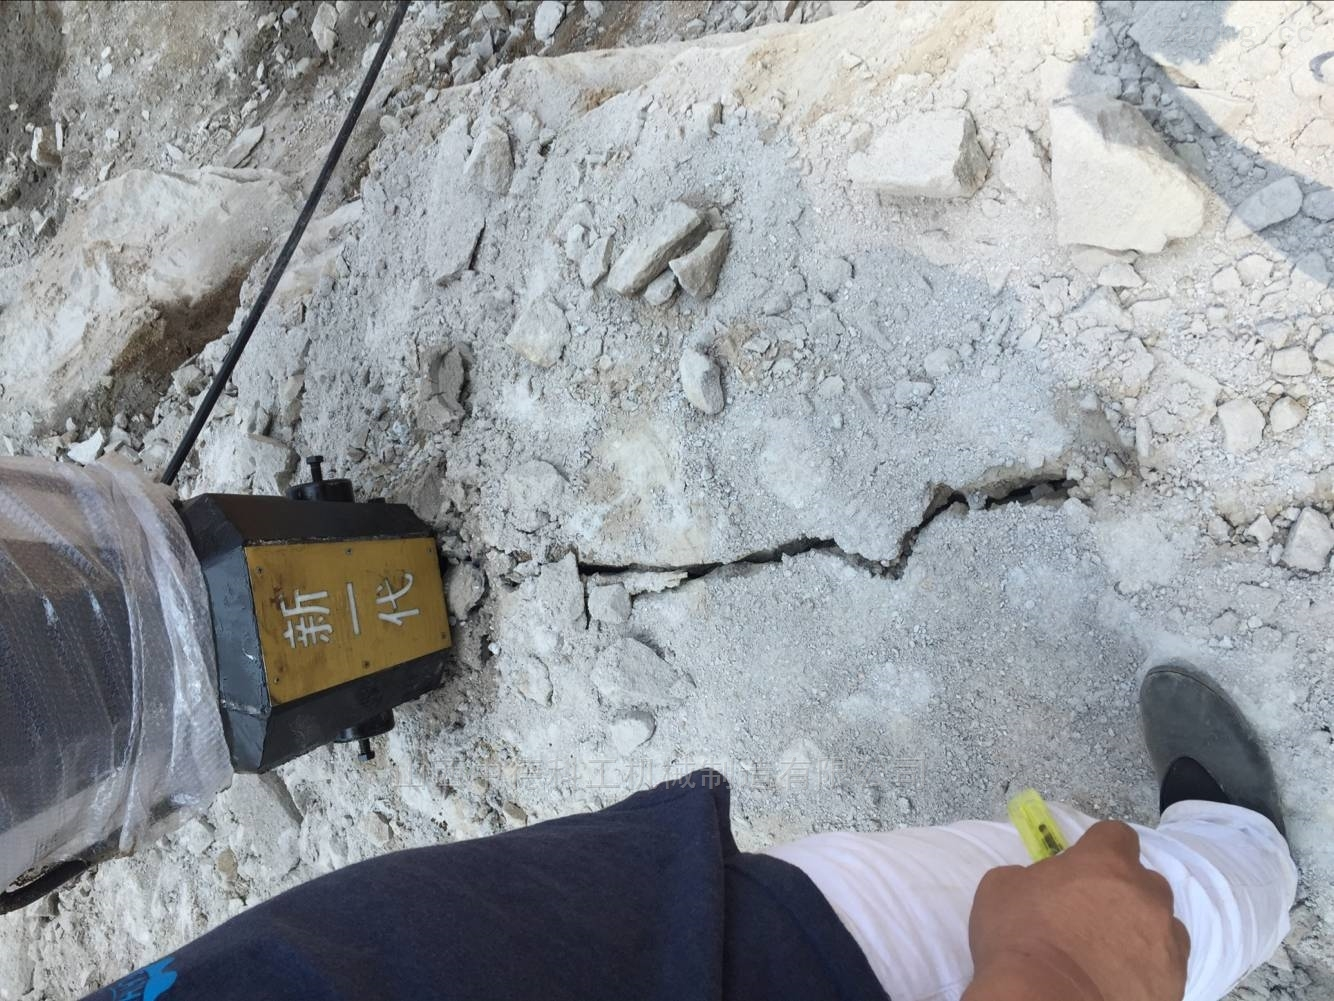 四川大型液压胀石机静态裂石器快速劈裂机